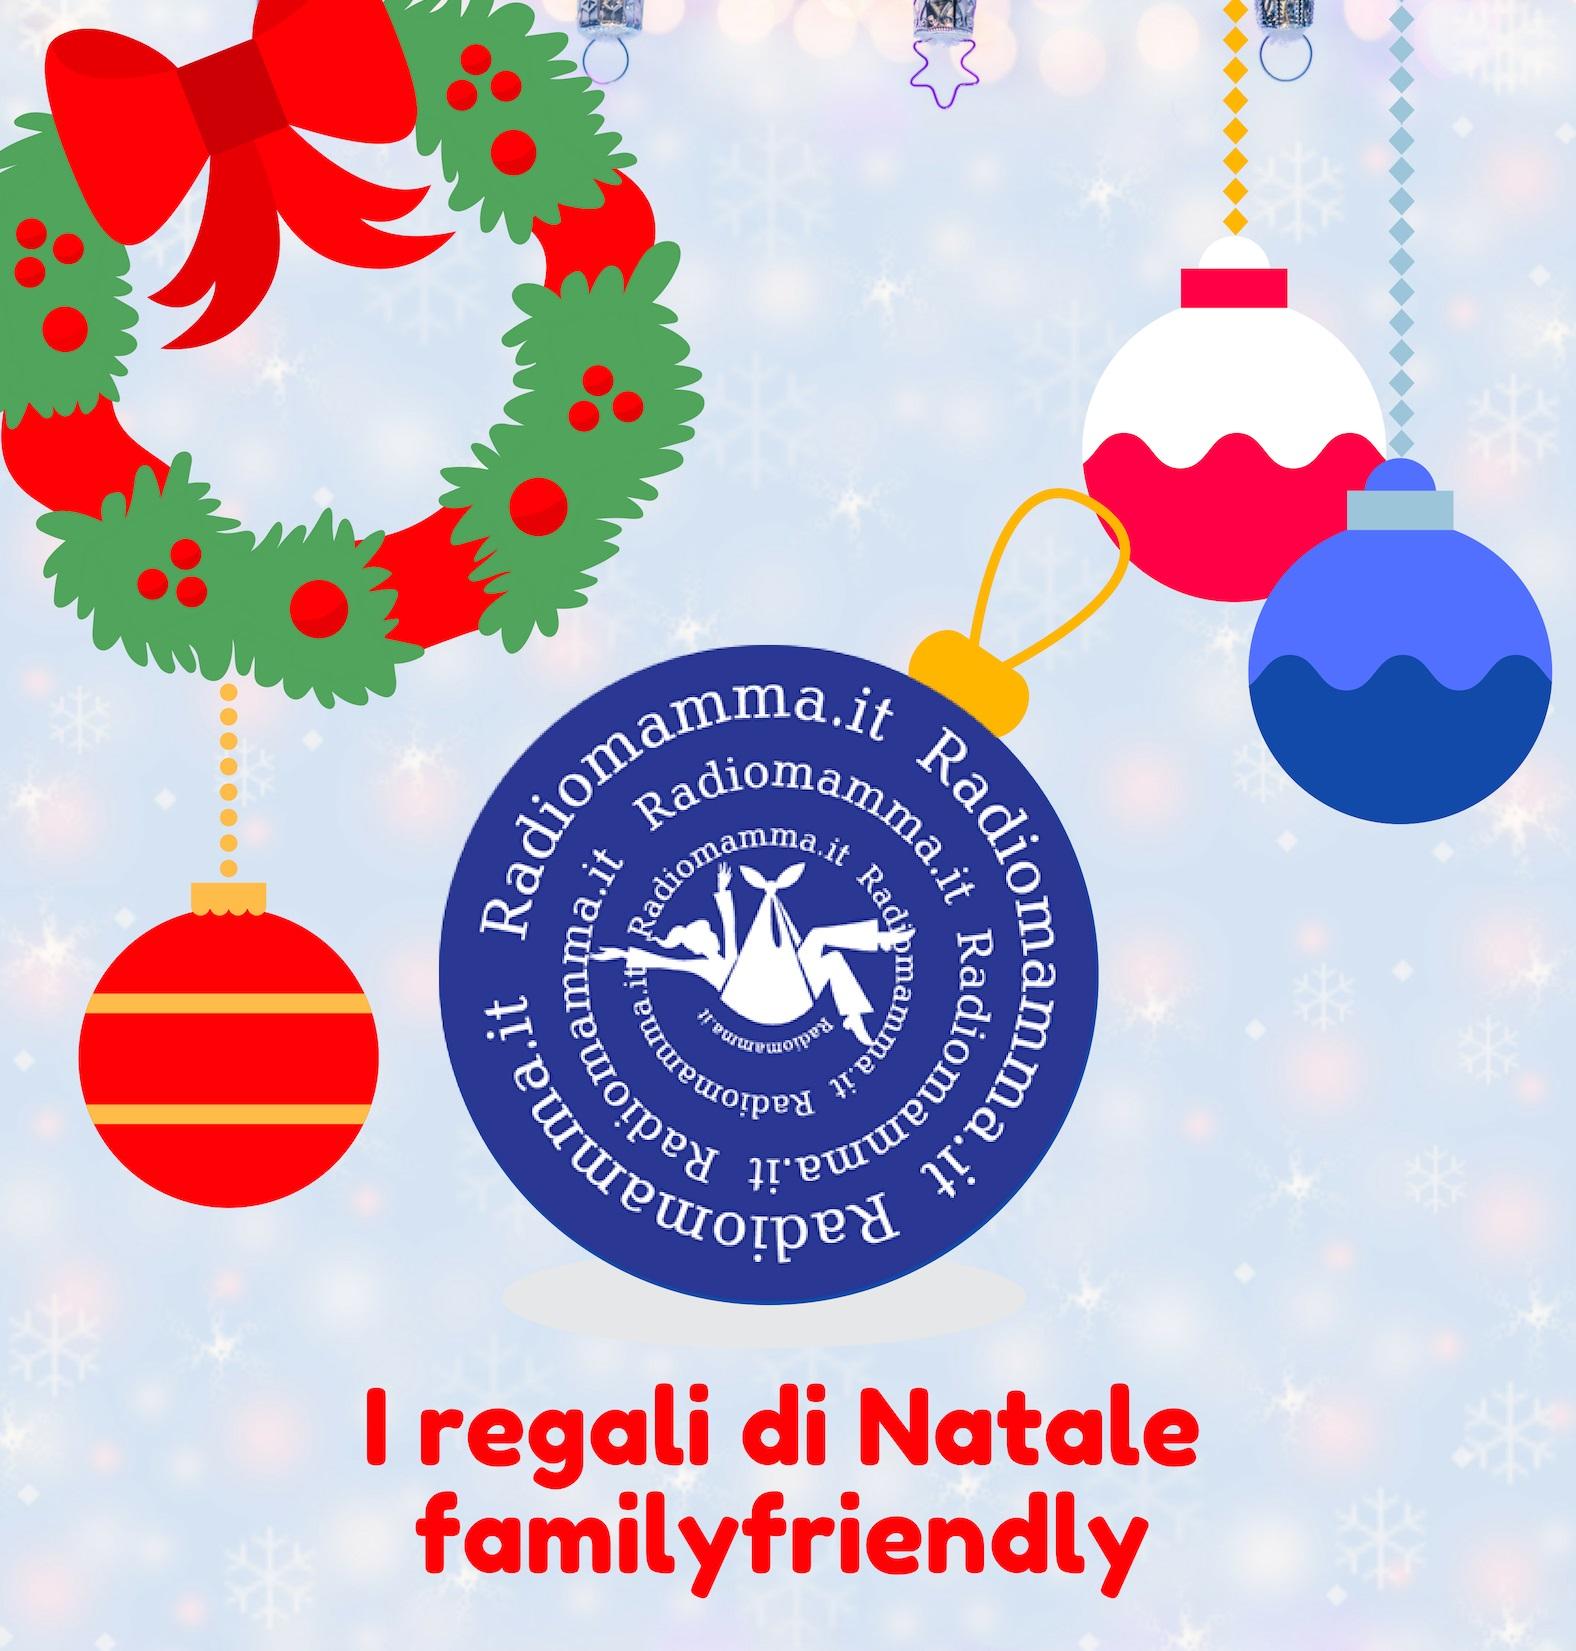 Immagini Di Bambini Per Natale.Natale 2018 I Regali Per Bambini E Famiglie Radiomamma